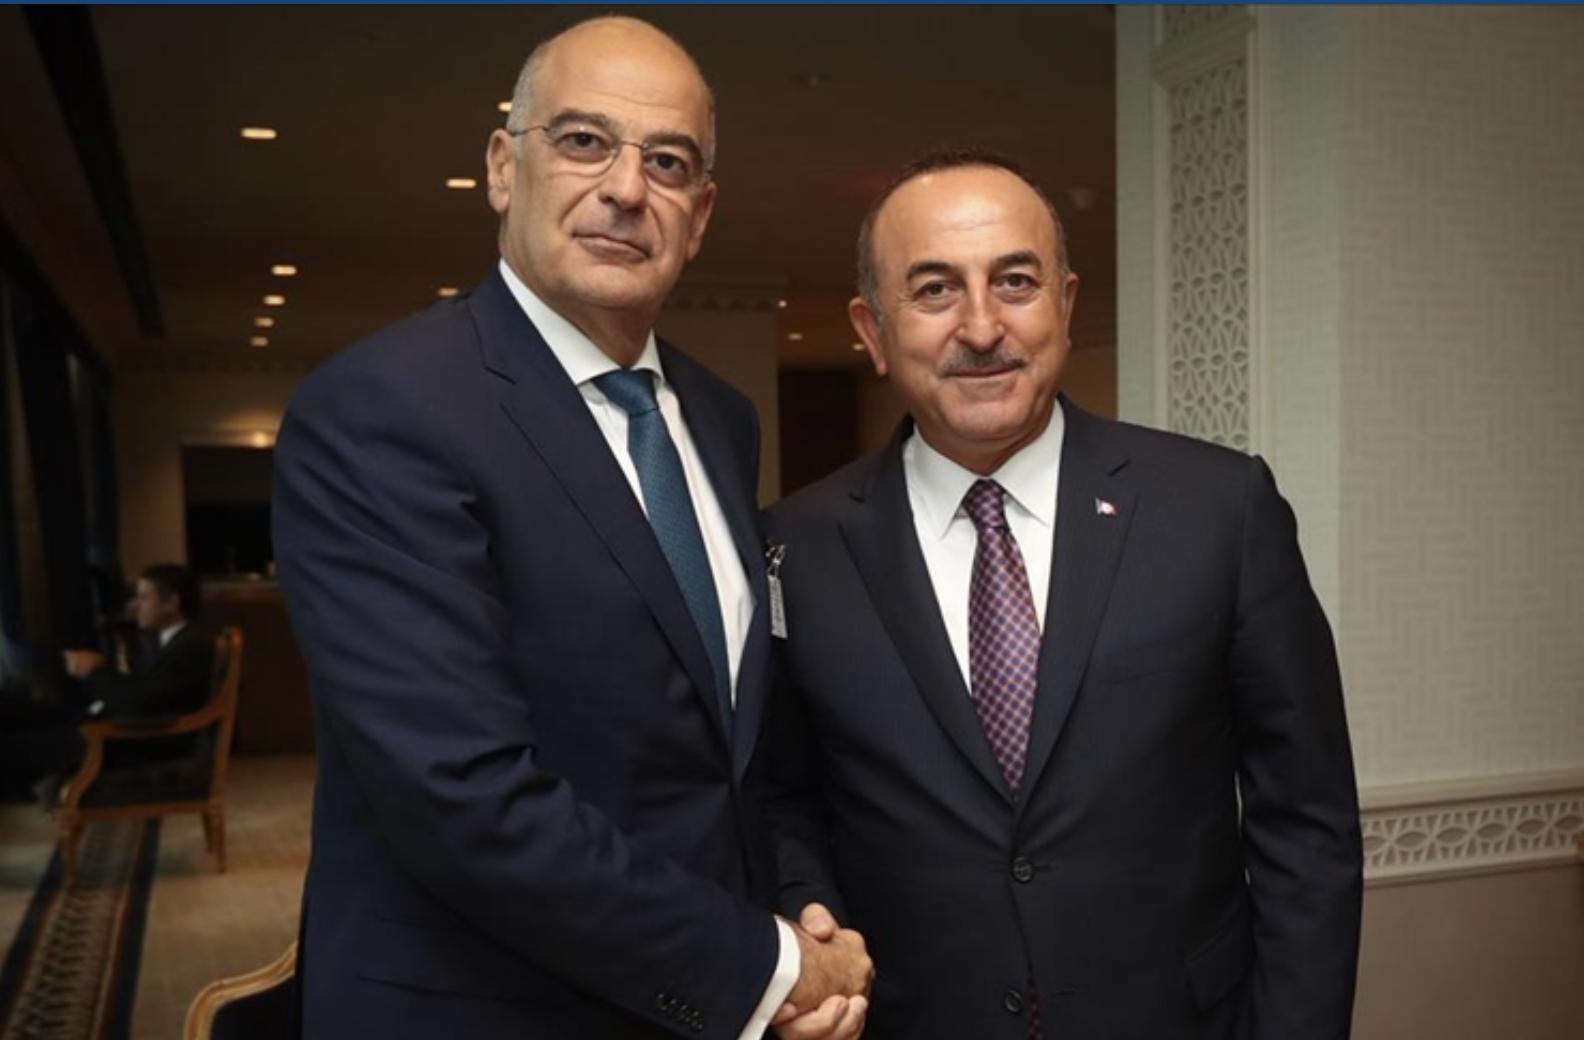 Τουρκία: Συνάντηση με τον Έλληνα ομόλογο του ανακοίνωσε για τις 14 Απριλίου ο Çavuşoğlu